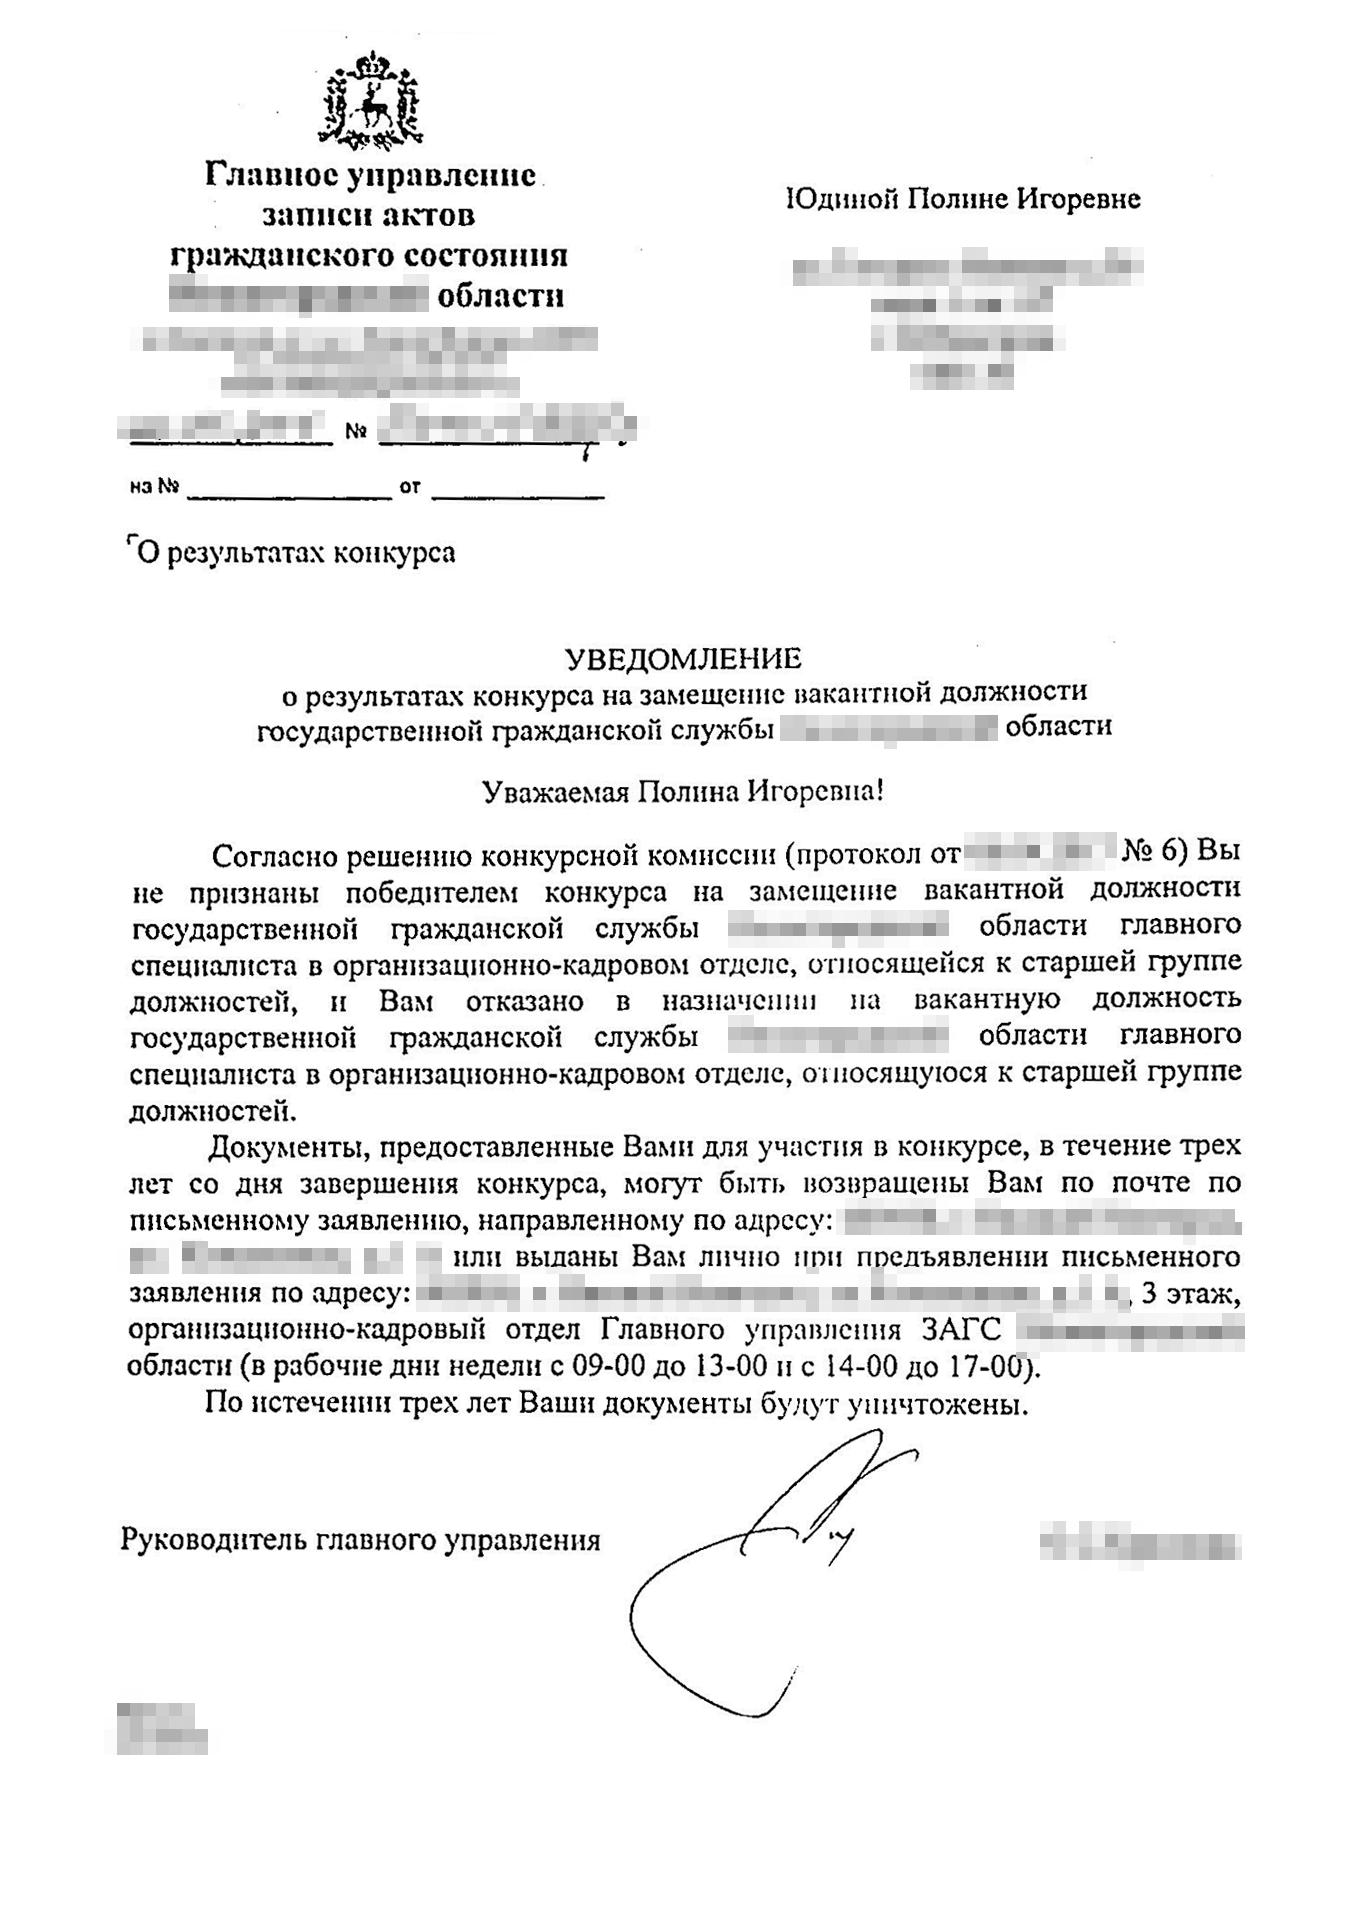 Такое письмо с отказом пришло мне. Причины отказа оставили в секрете